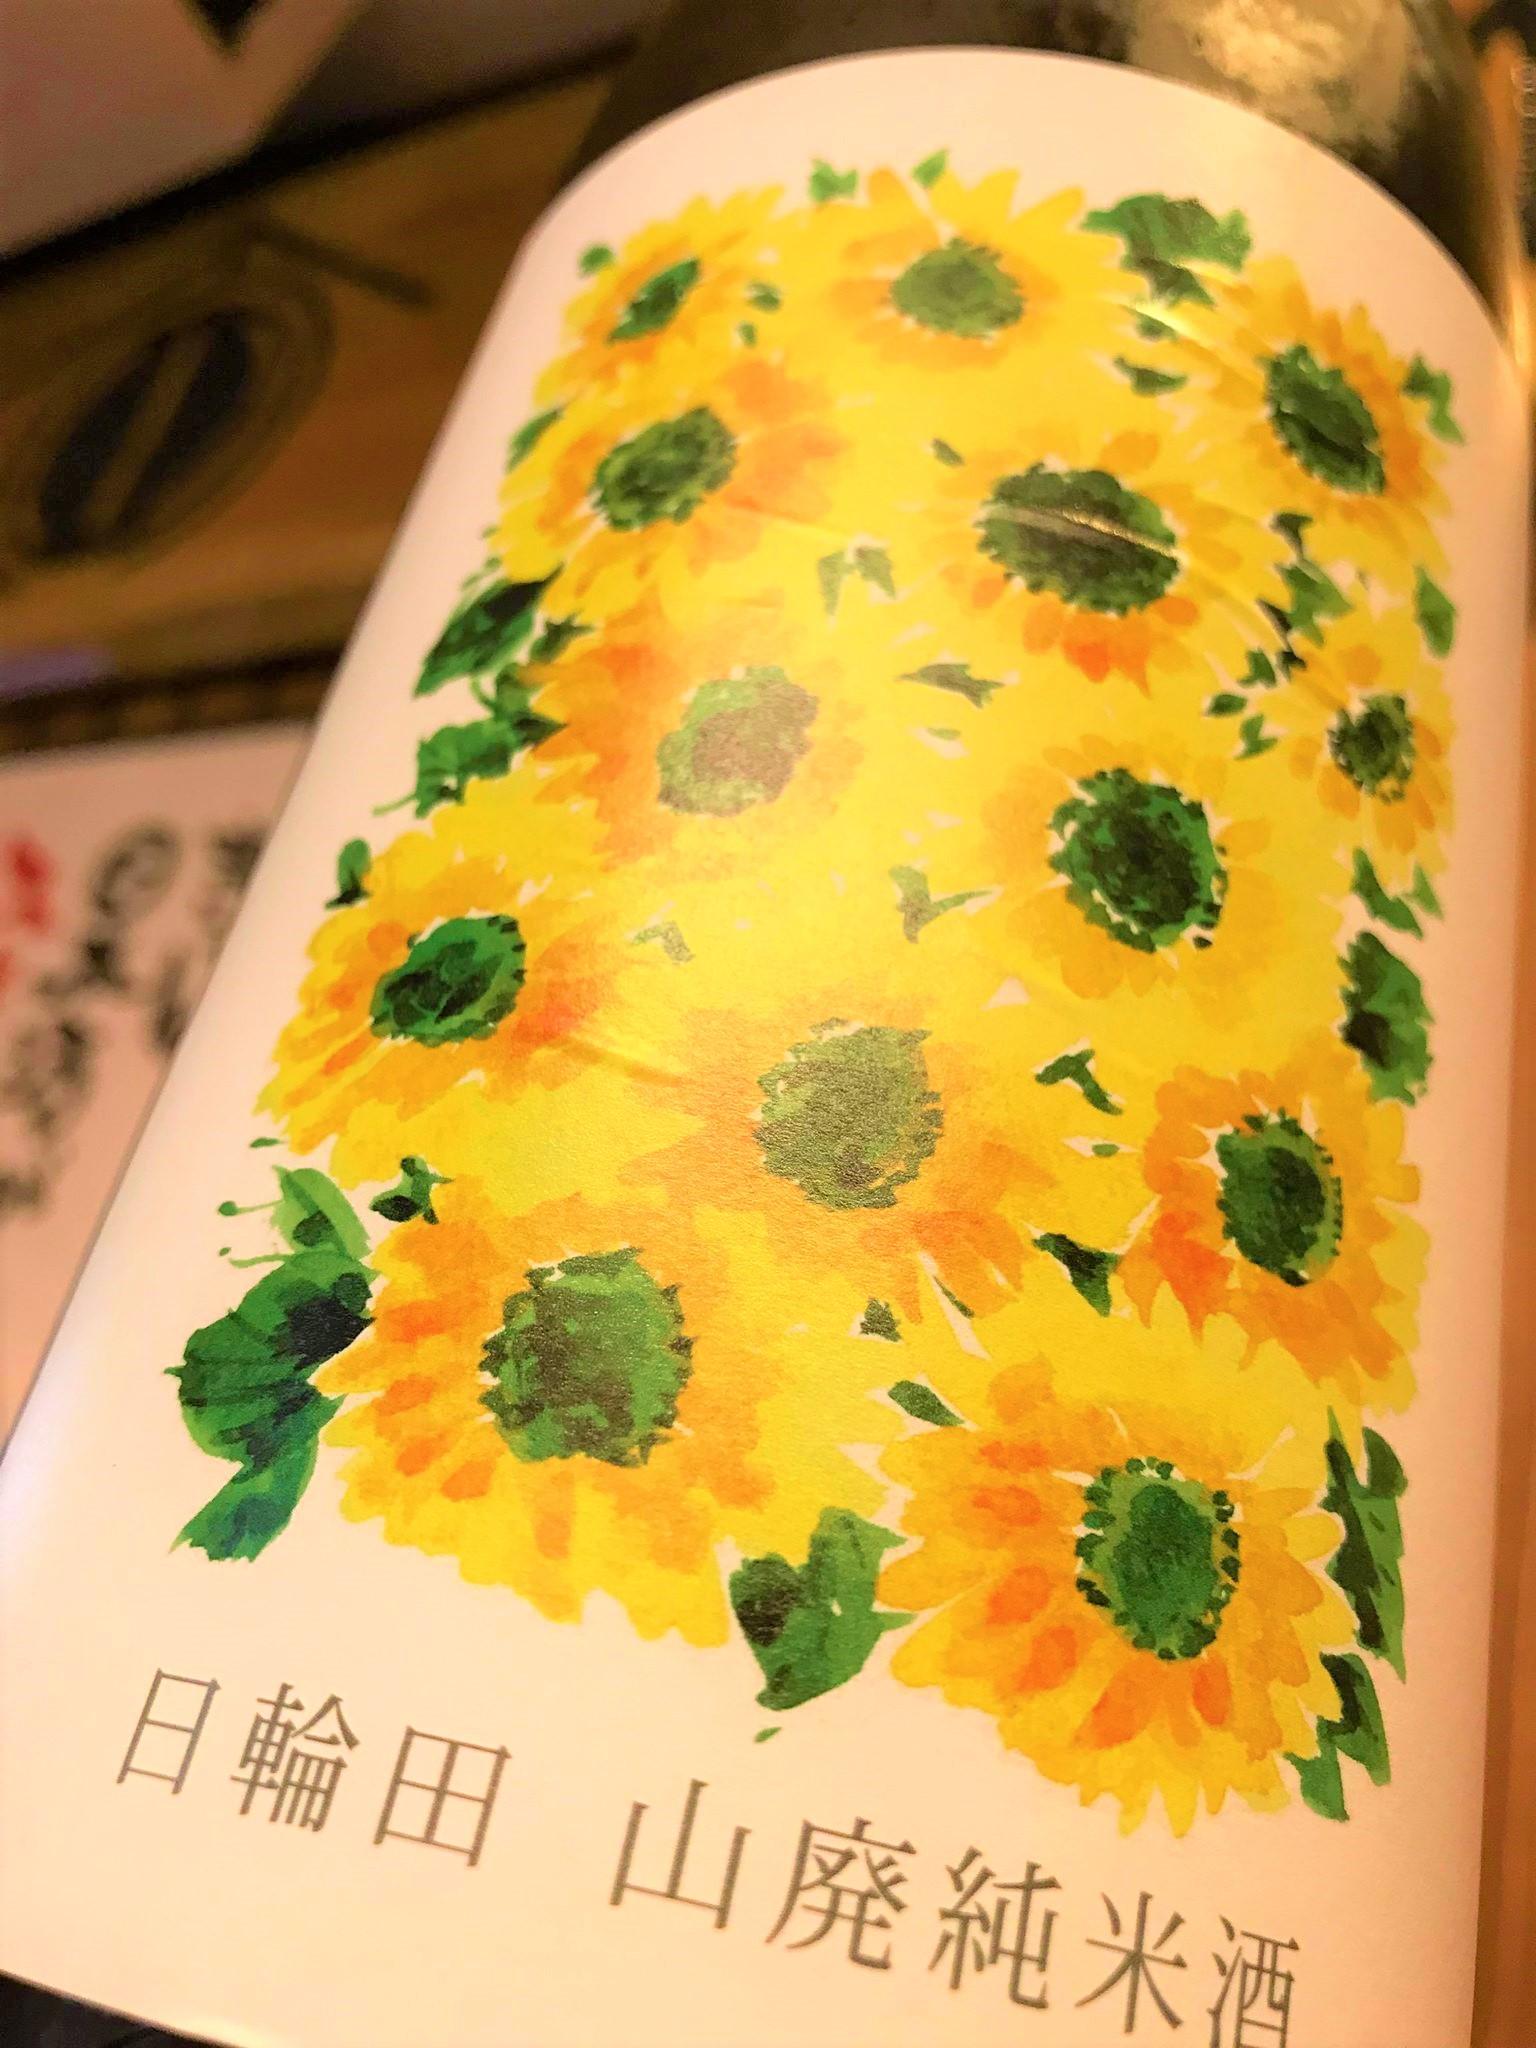 【日本酒】日輪田 山廃純米酒 夏のひまわりラベル 限定 29BY_e0173738_21462787.jpg